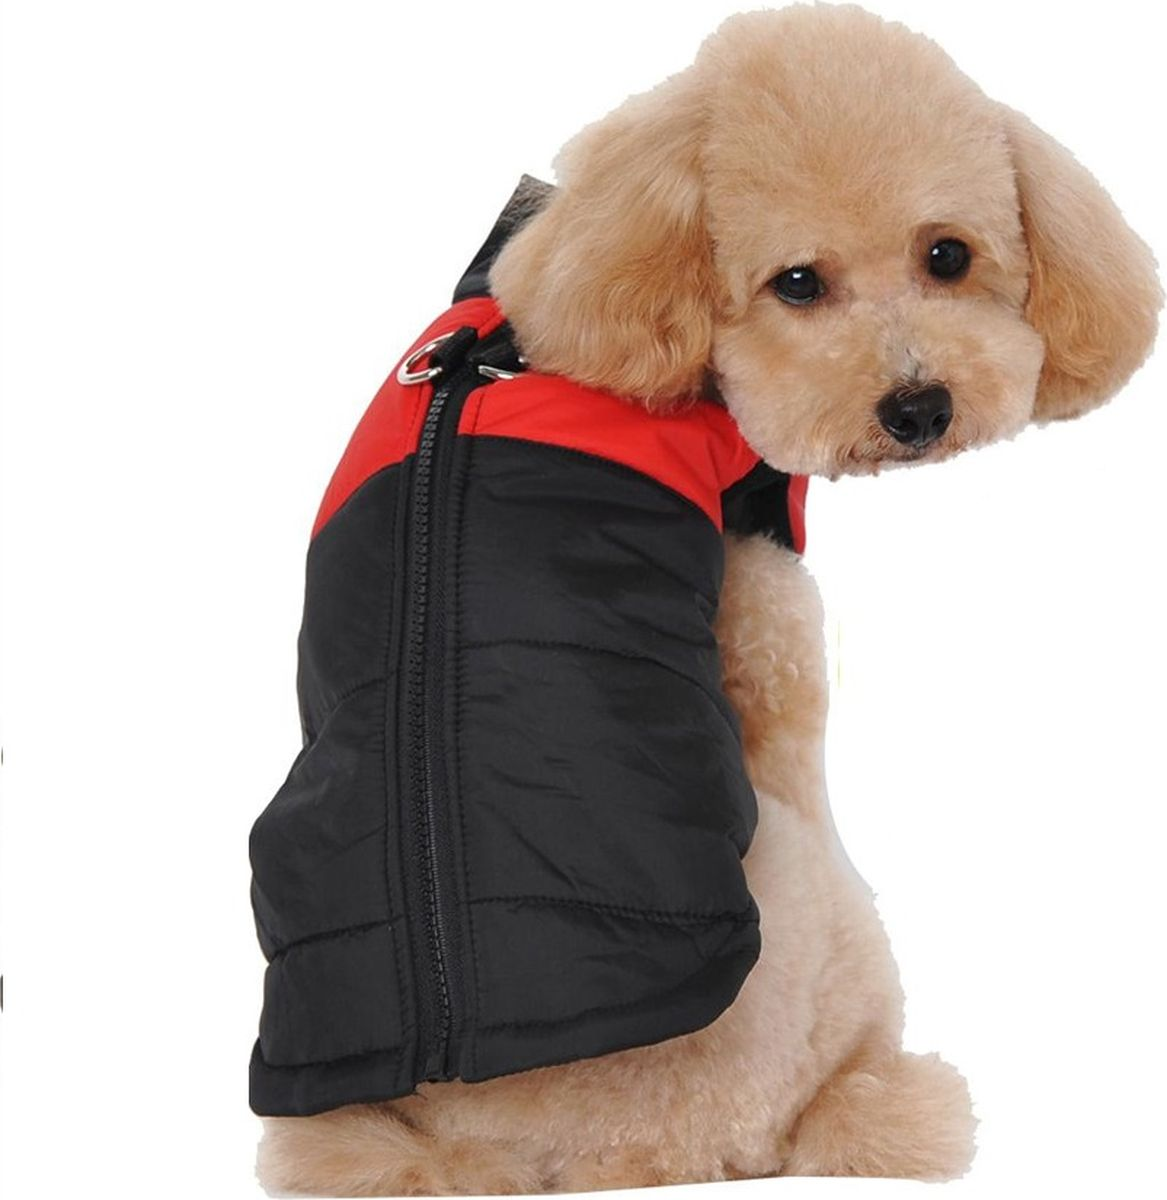 Жилет для собак  Fidget Go , цвет: черный, красный, водонепроницаемый, унисекс. Размер M - Одежда, обувь, украшения - Одежда